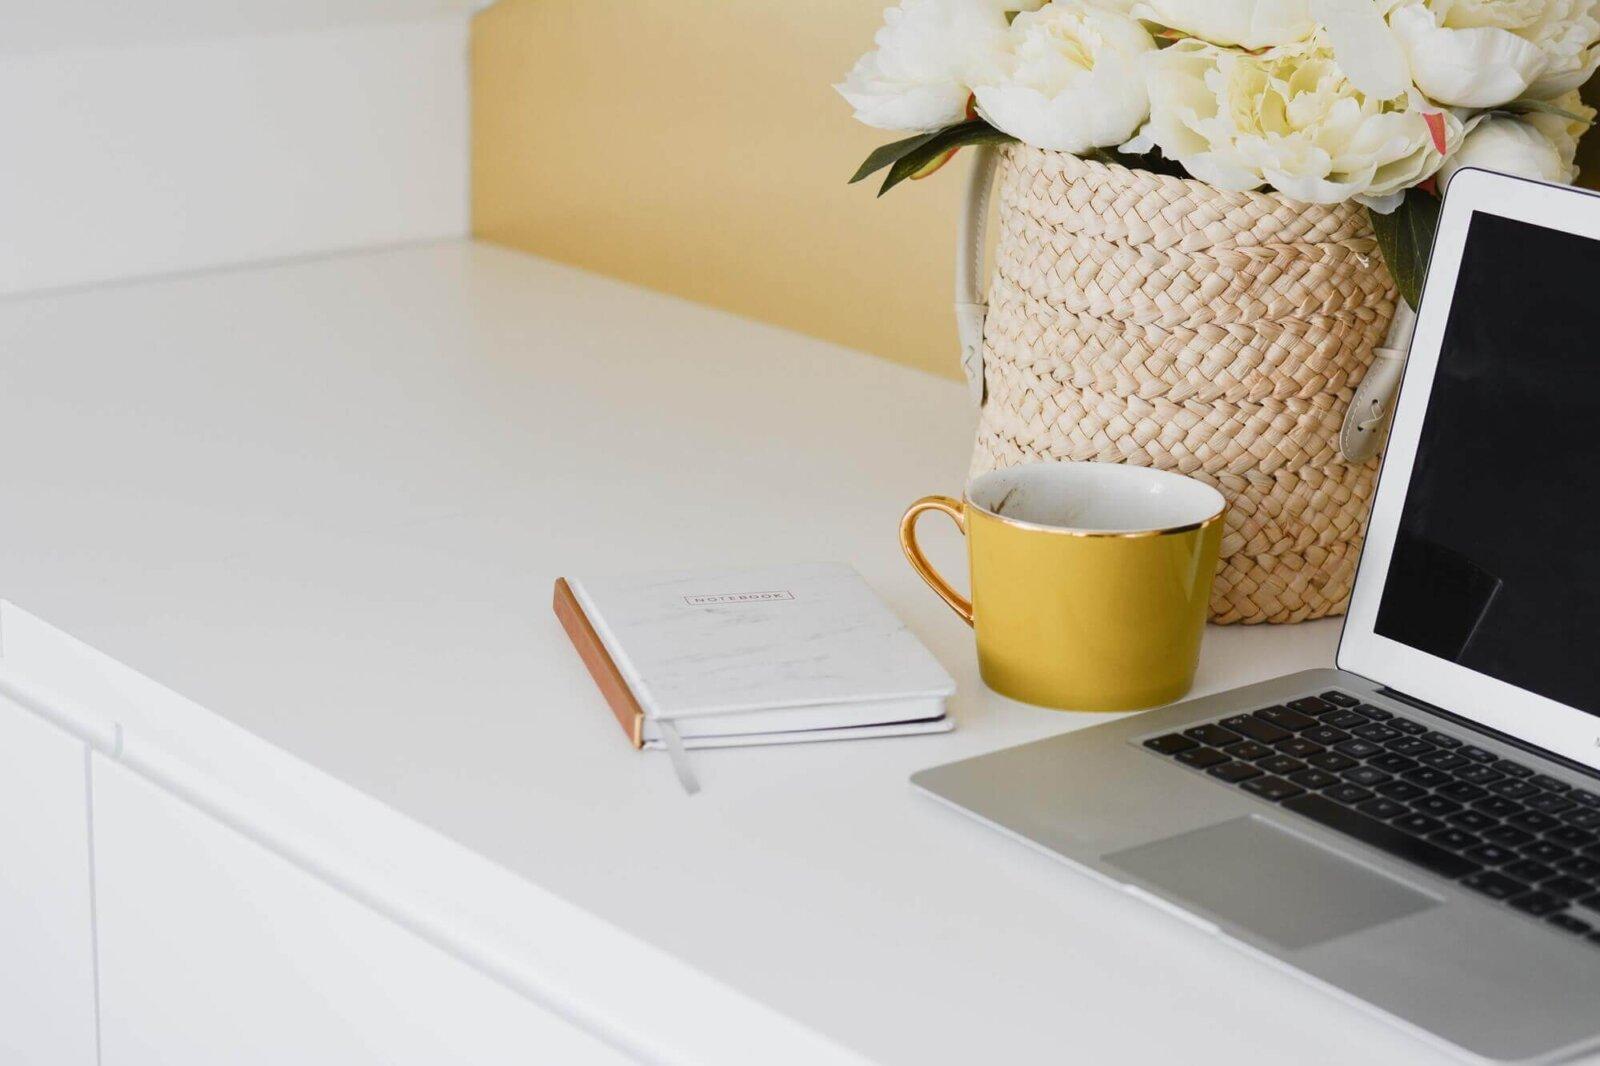 laptop, notes i kubek z kawą na biurku obok kosza kwiatów